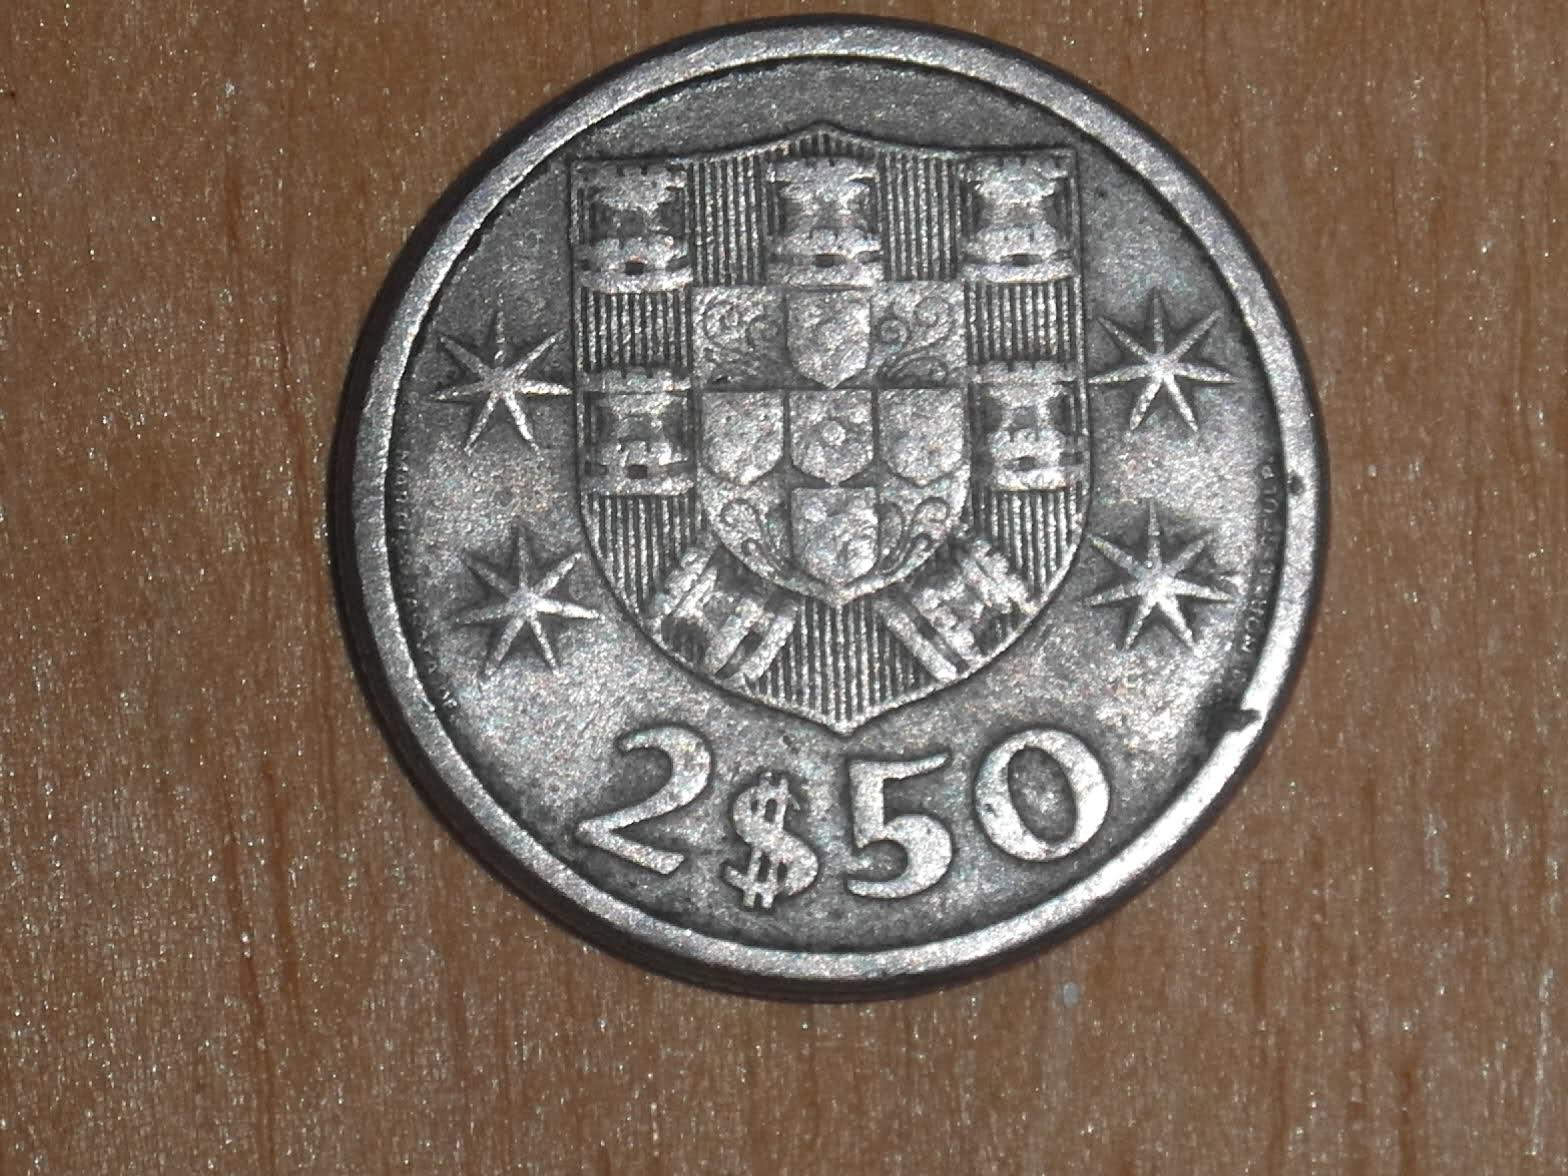 2$50 Escudos Republica Portuguesa 1963 W0ouj7